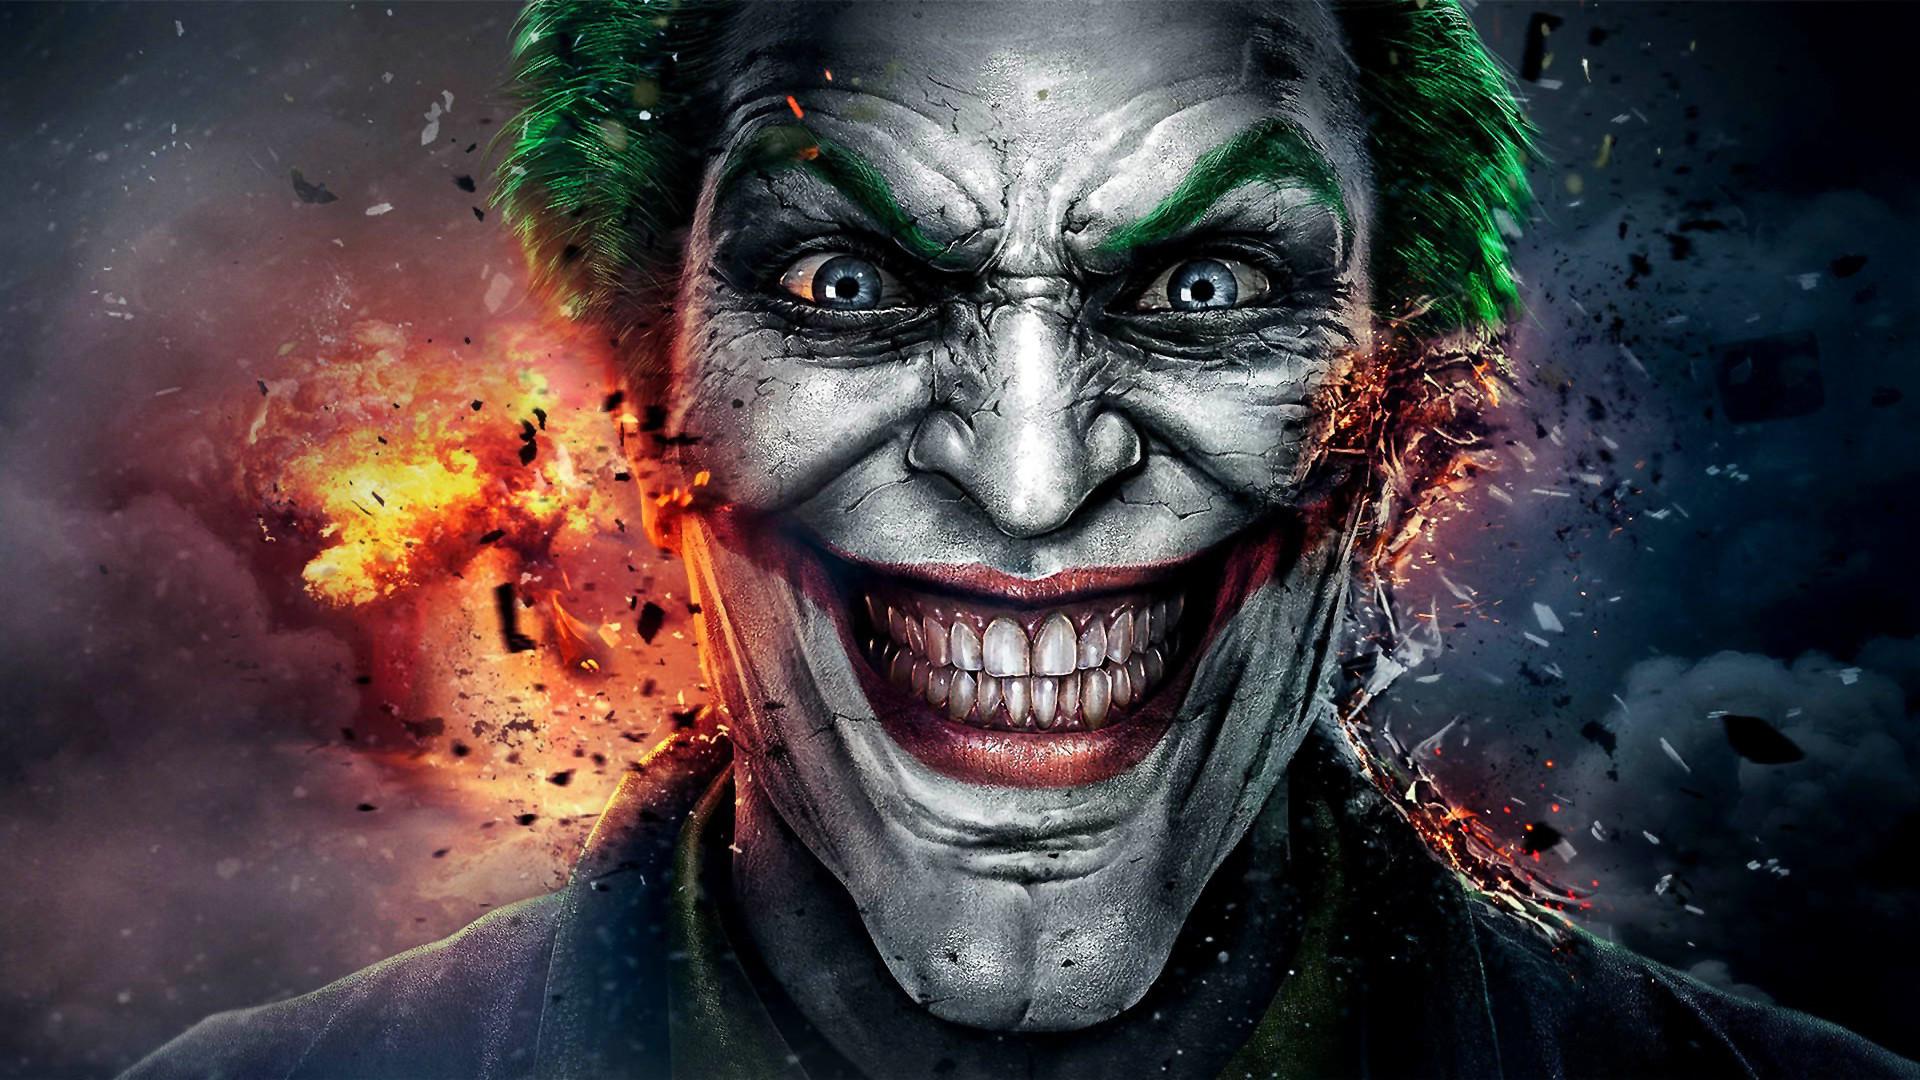 Joker HD Images 03954